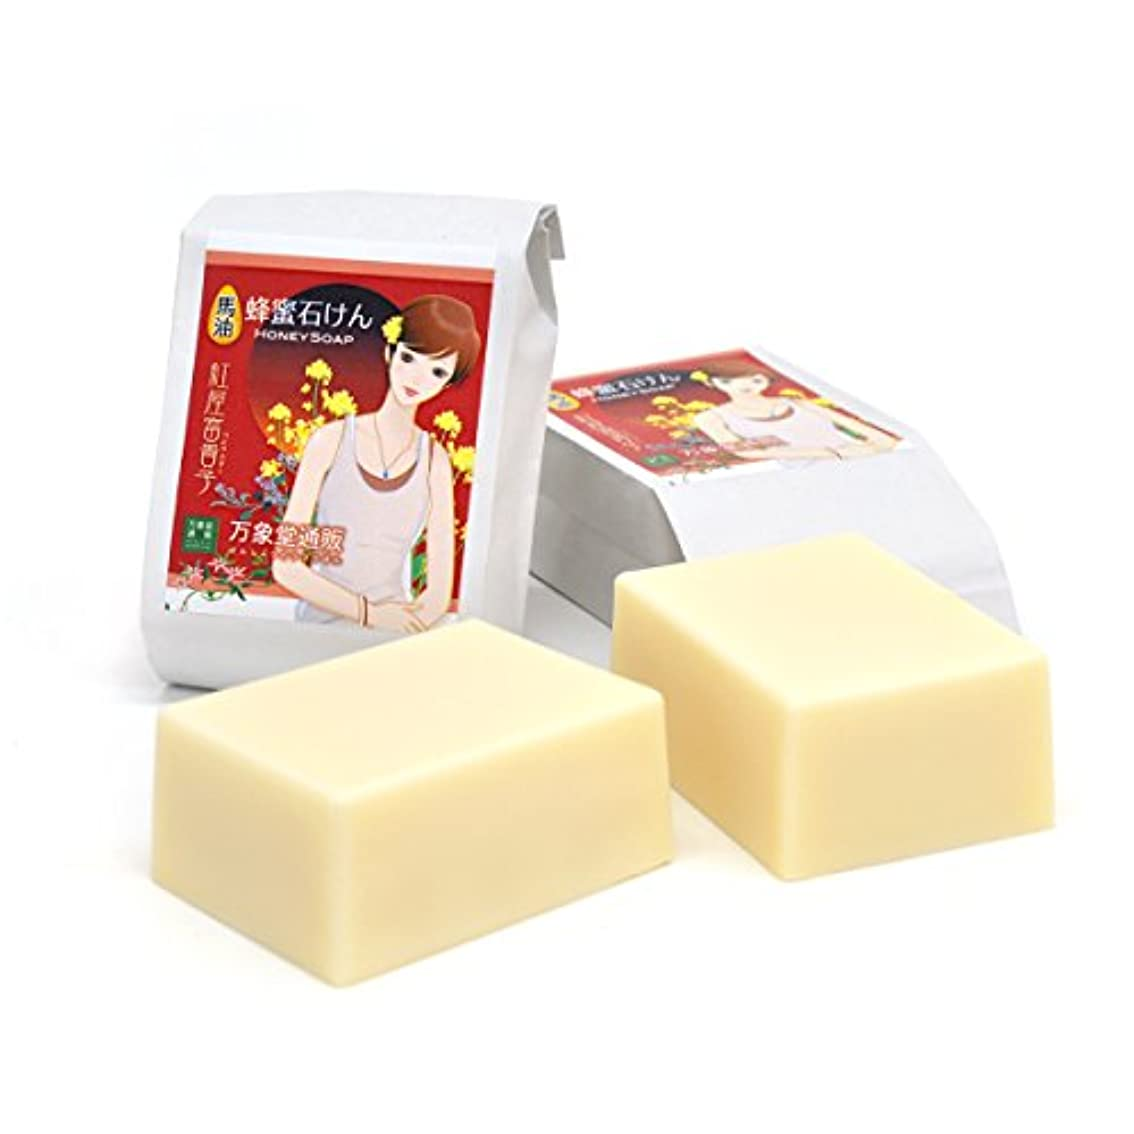 避けられない欠乏メガロポリス森羅万象堂 馬油石鹸 90g×2個 (国産)熊本県産 国産蜂蜜配合